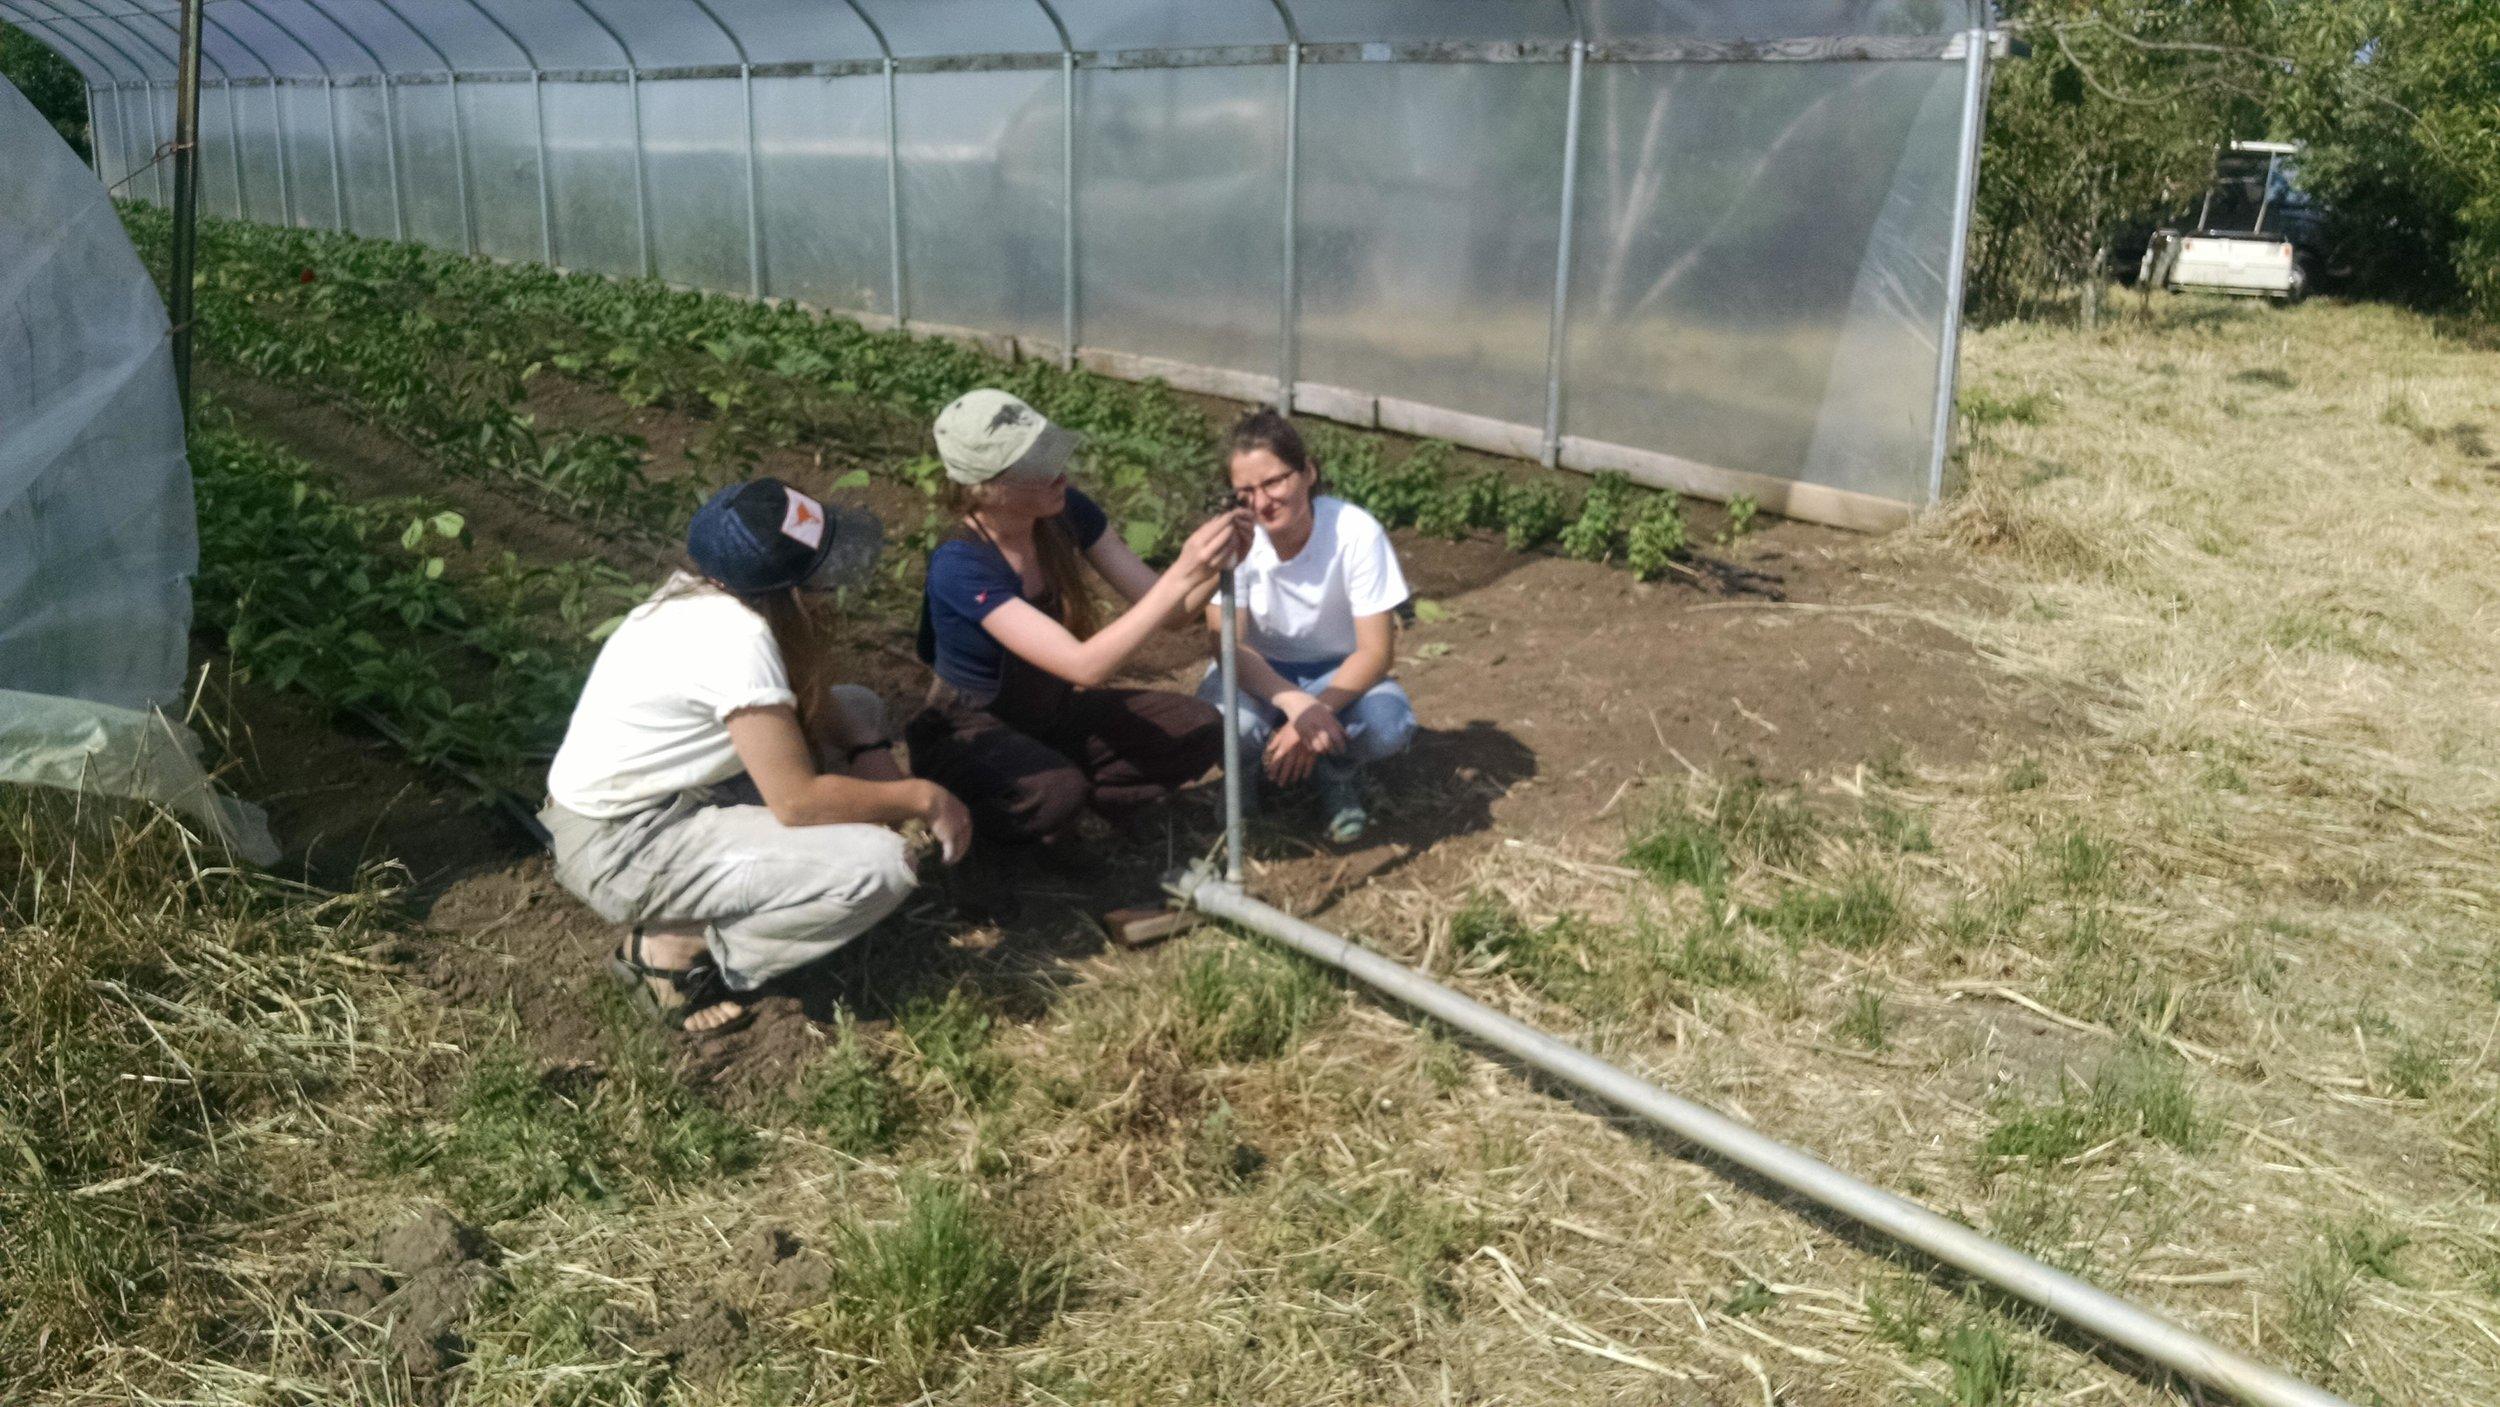 Interns learning to adjust sprinkler heads